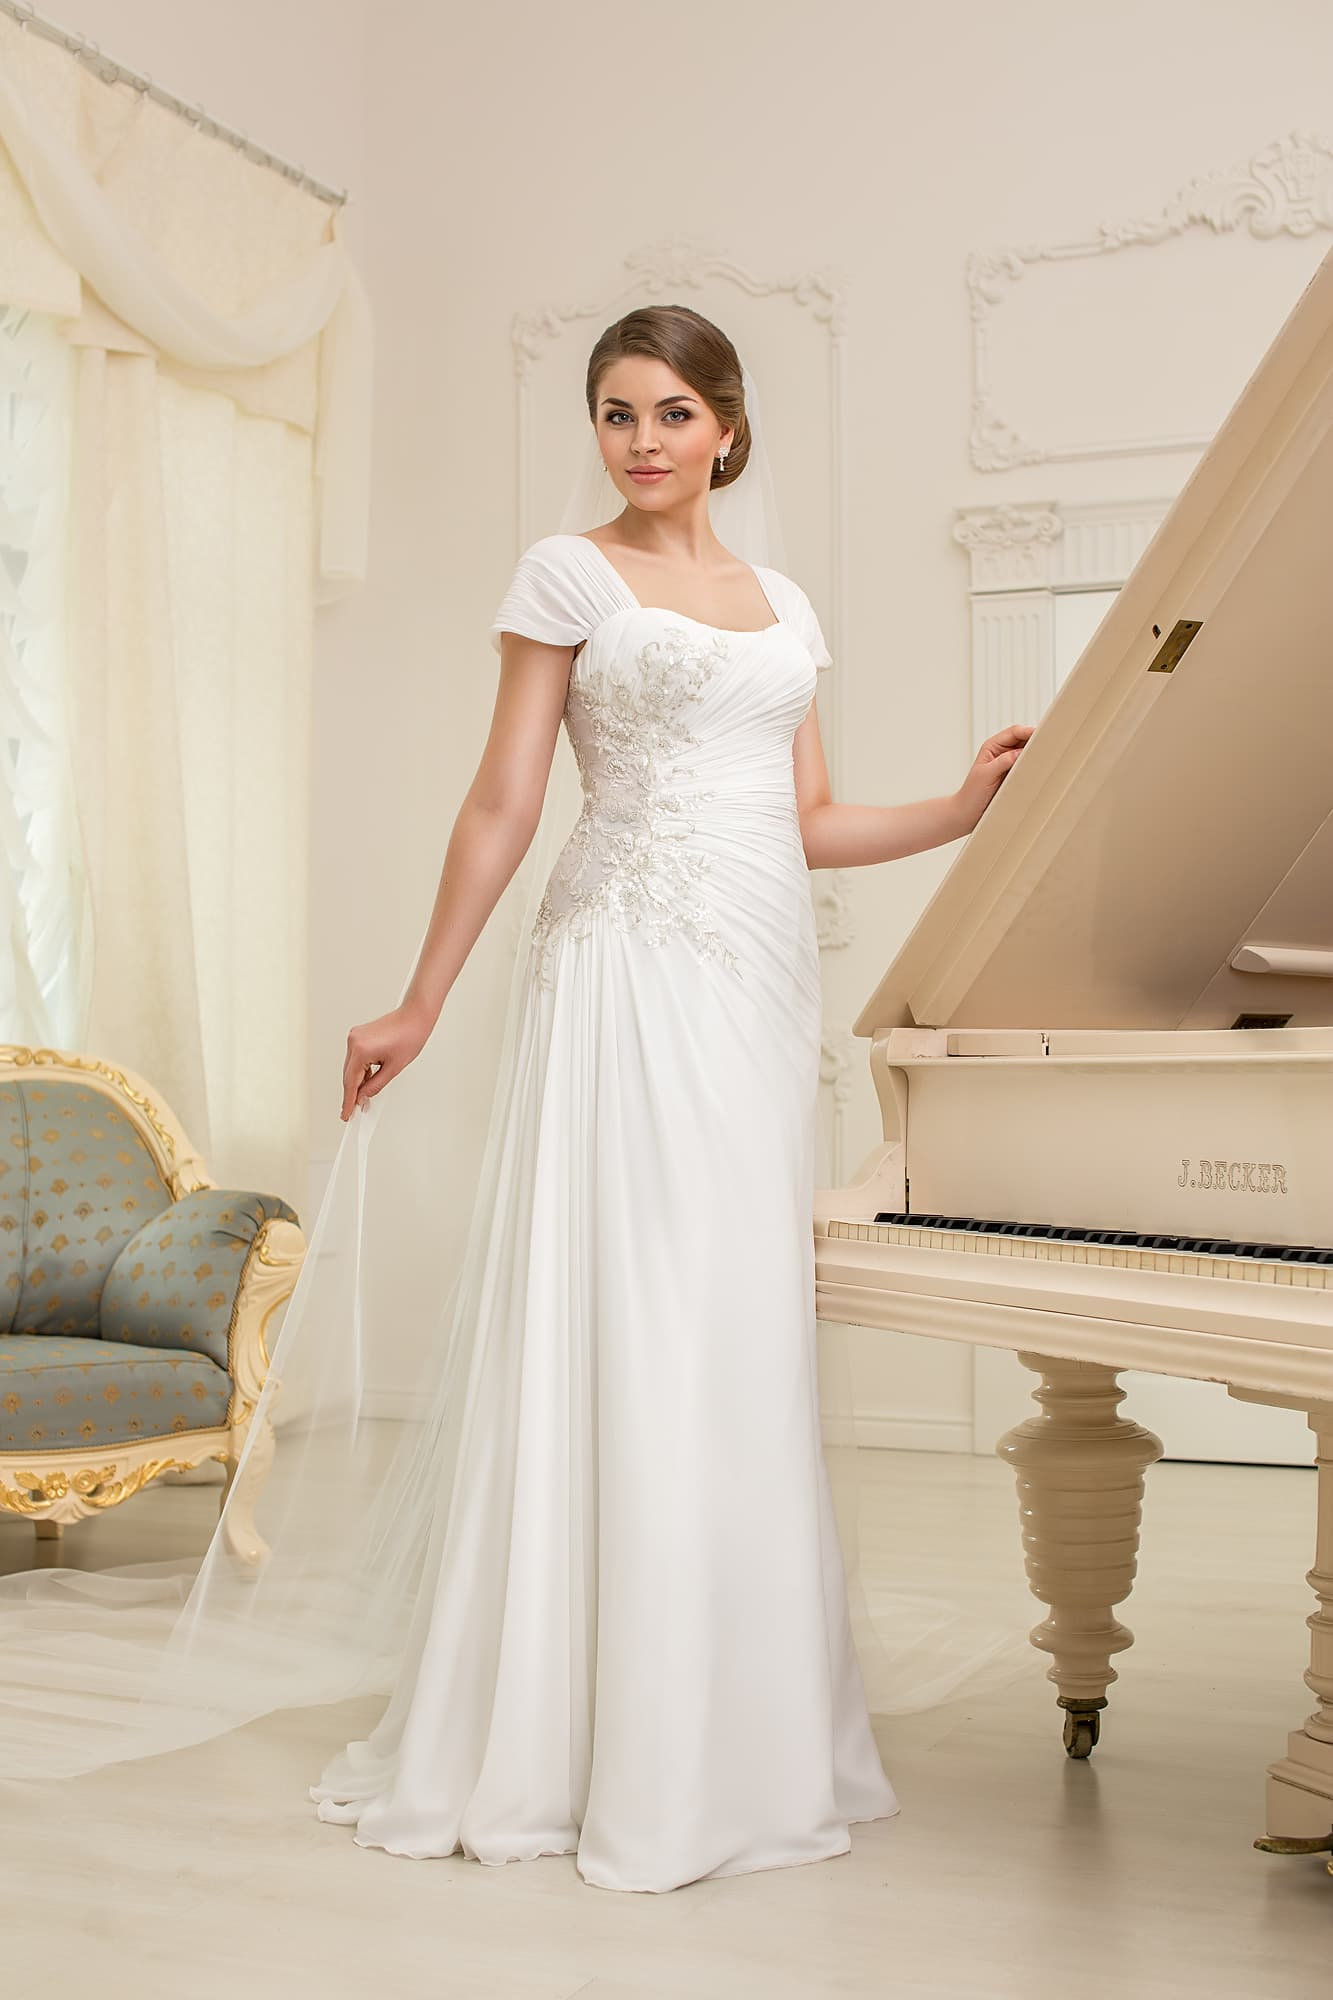 b04c85a7081b7dd Романтичное свадебное платье с короткими рукавами и драпировками,  облегающее фигуру прямым кроем.